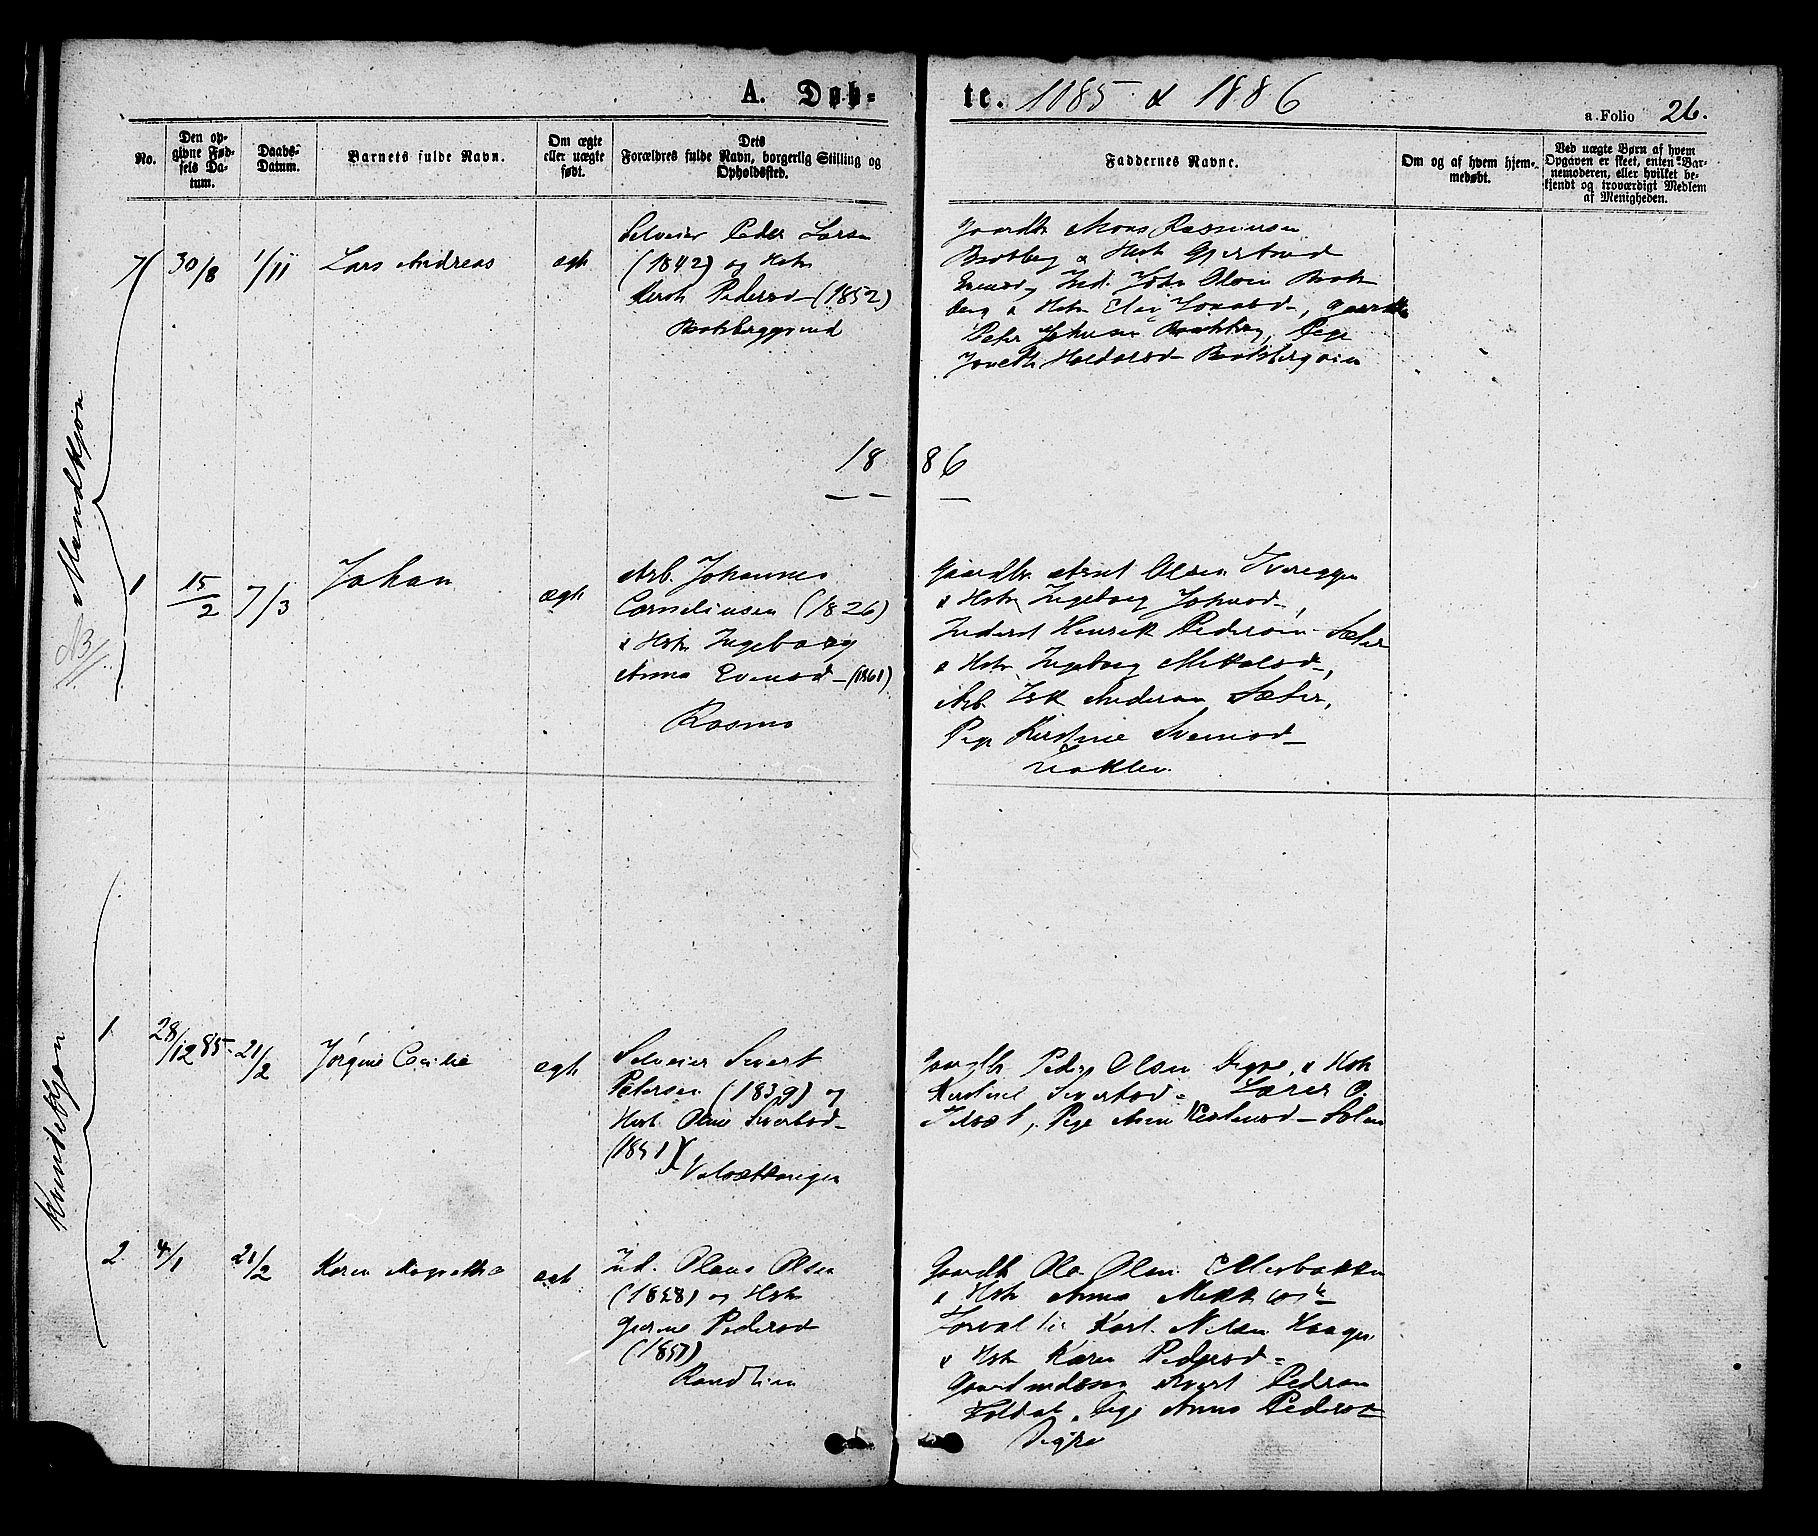 SAT, Ministerialprotokoller, klokkerbøker og fødselsregistre - Sør-Trøndelag, 608/L0334: Ministerialbok nr. 608A03, 1877-1886, s. 26